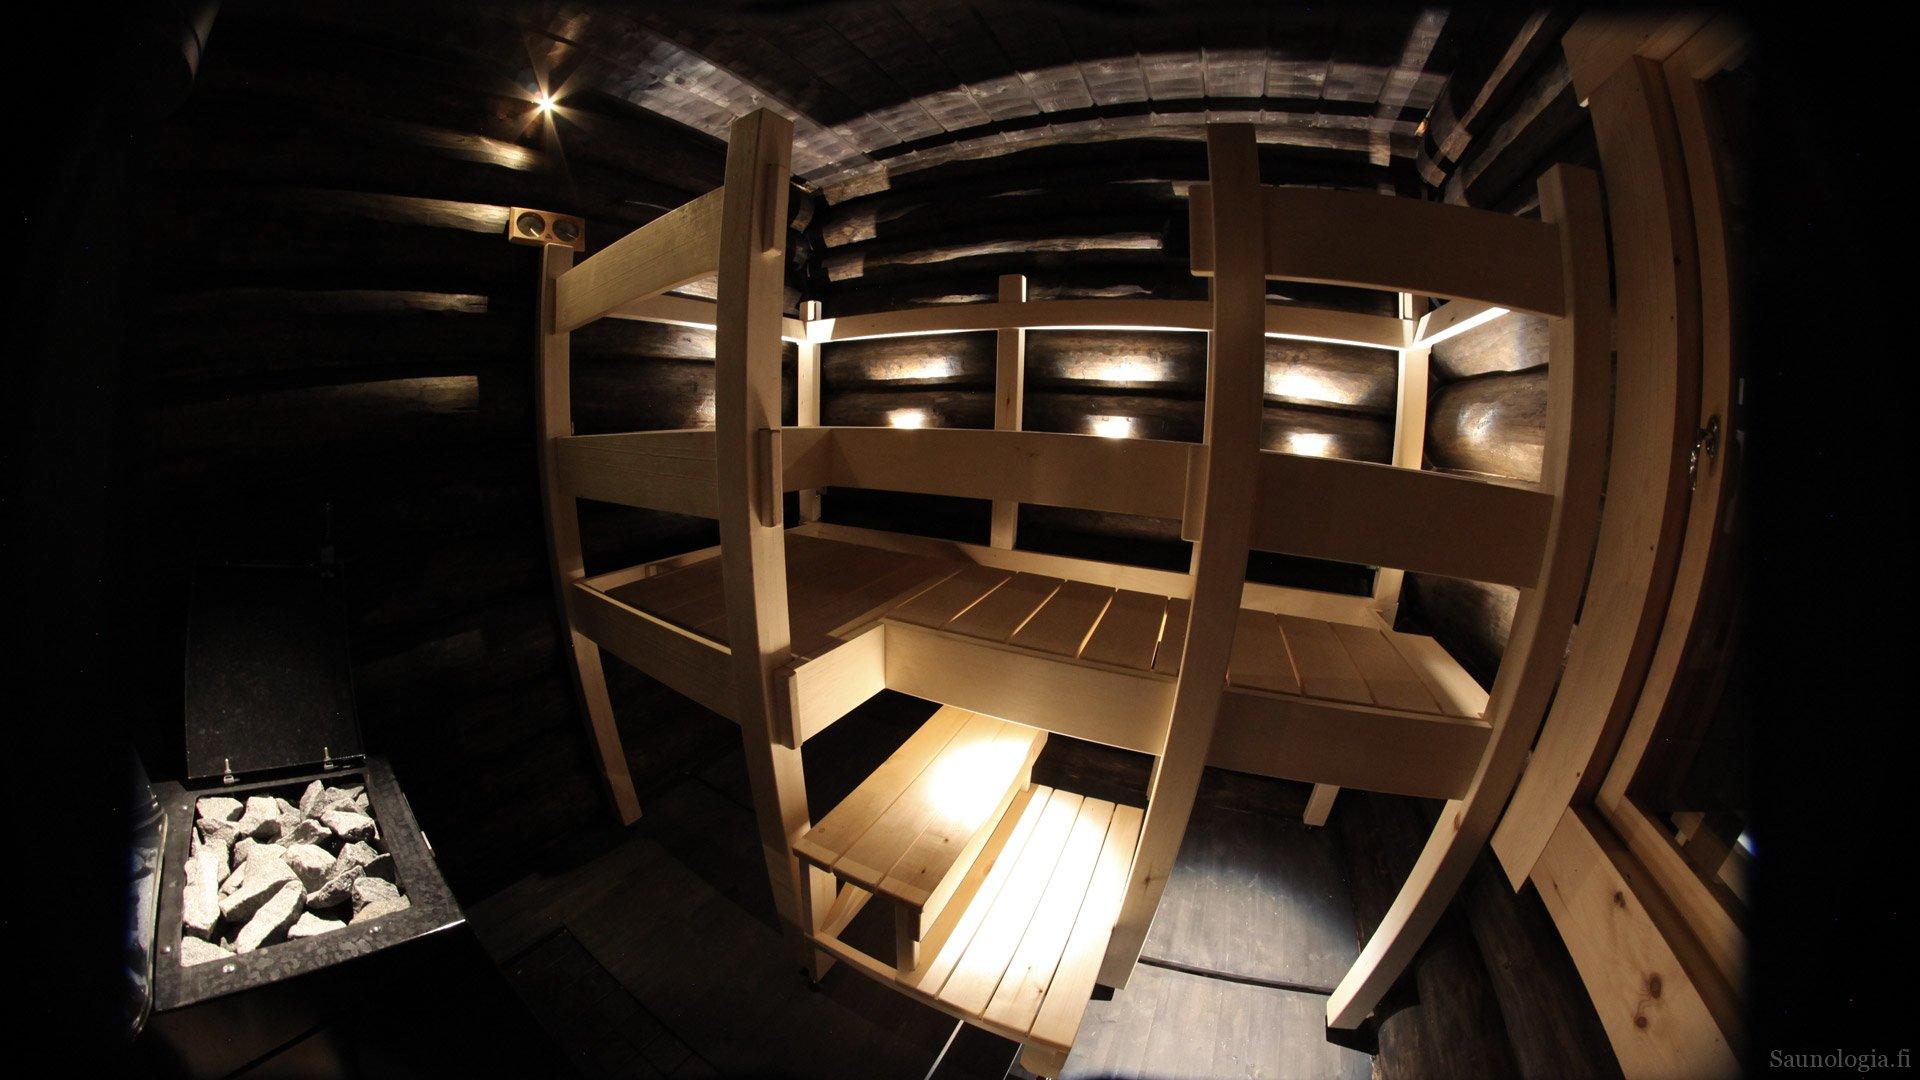 Suvikallion saunan laudevalaistus on pistemäinen LED valo